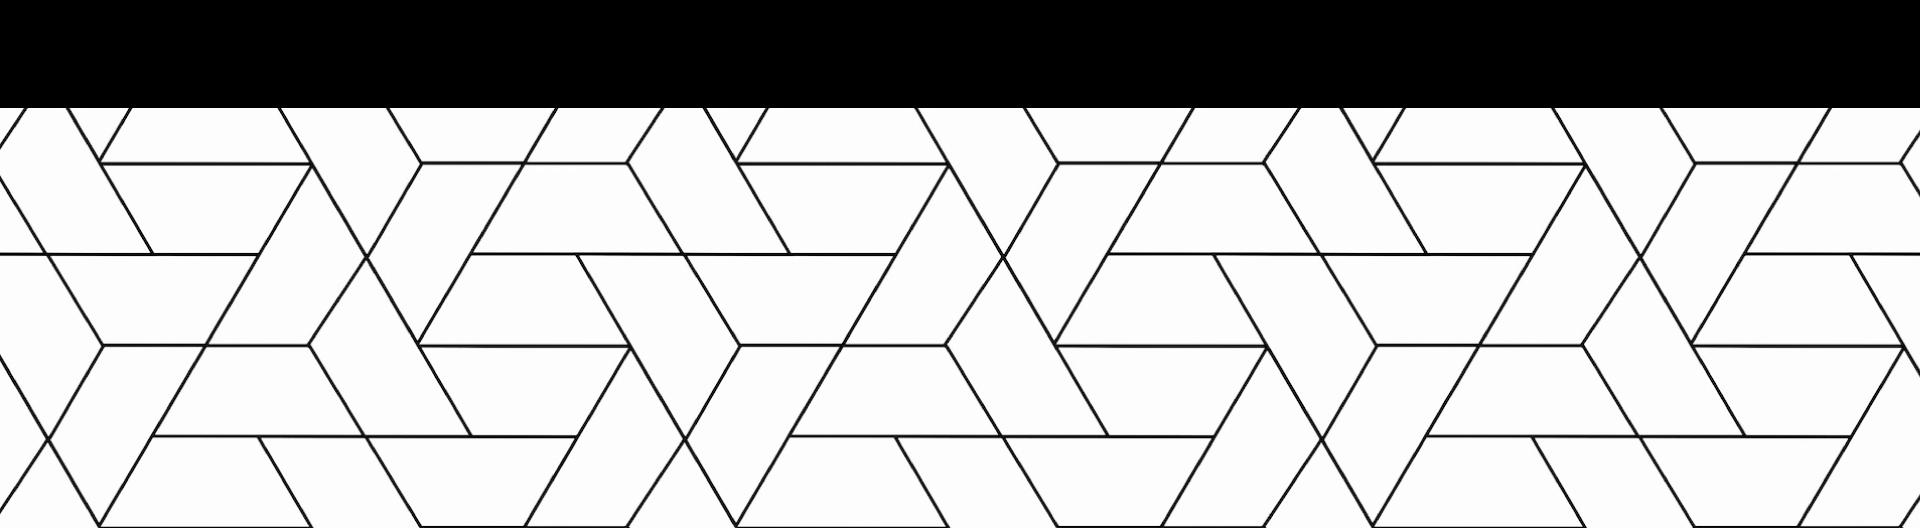 Zero Bounds geometric pattern